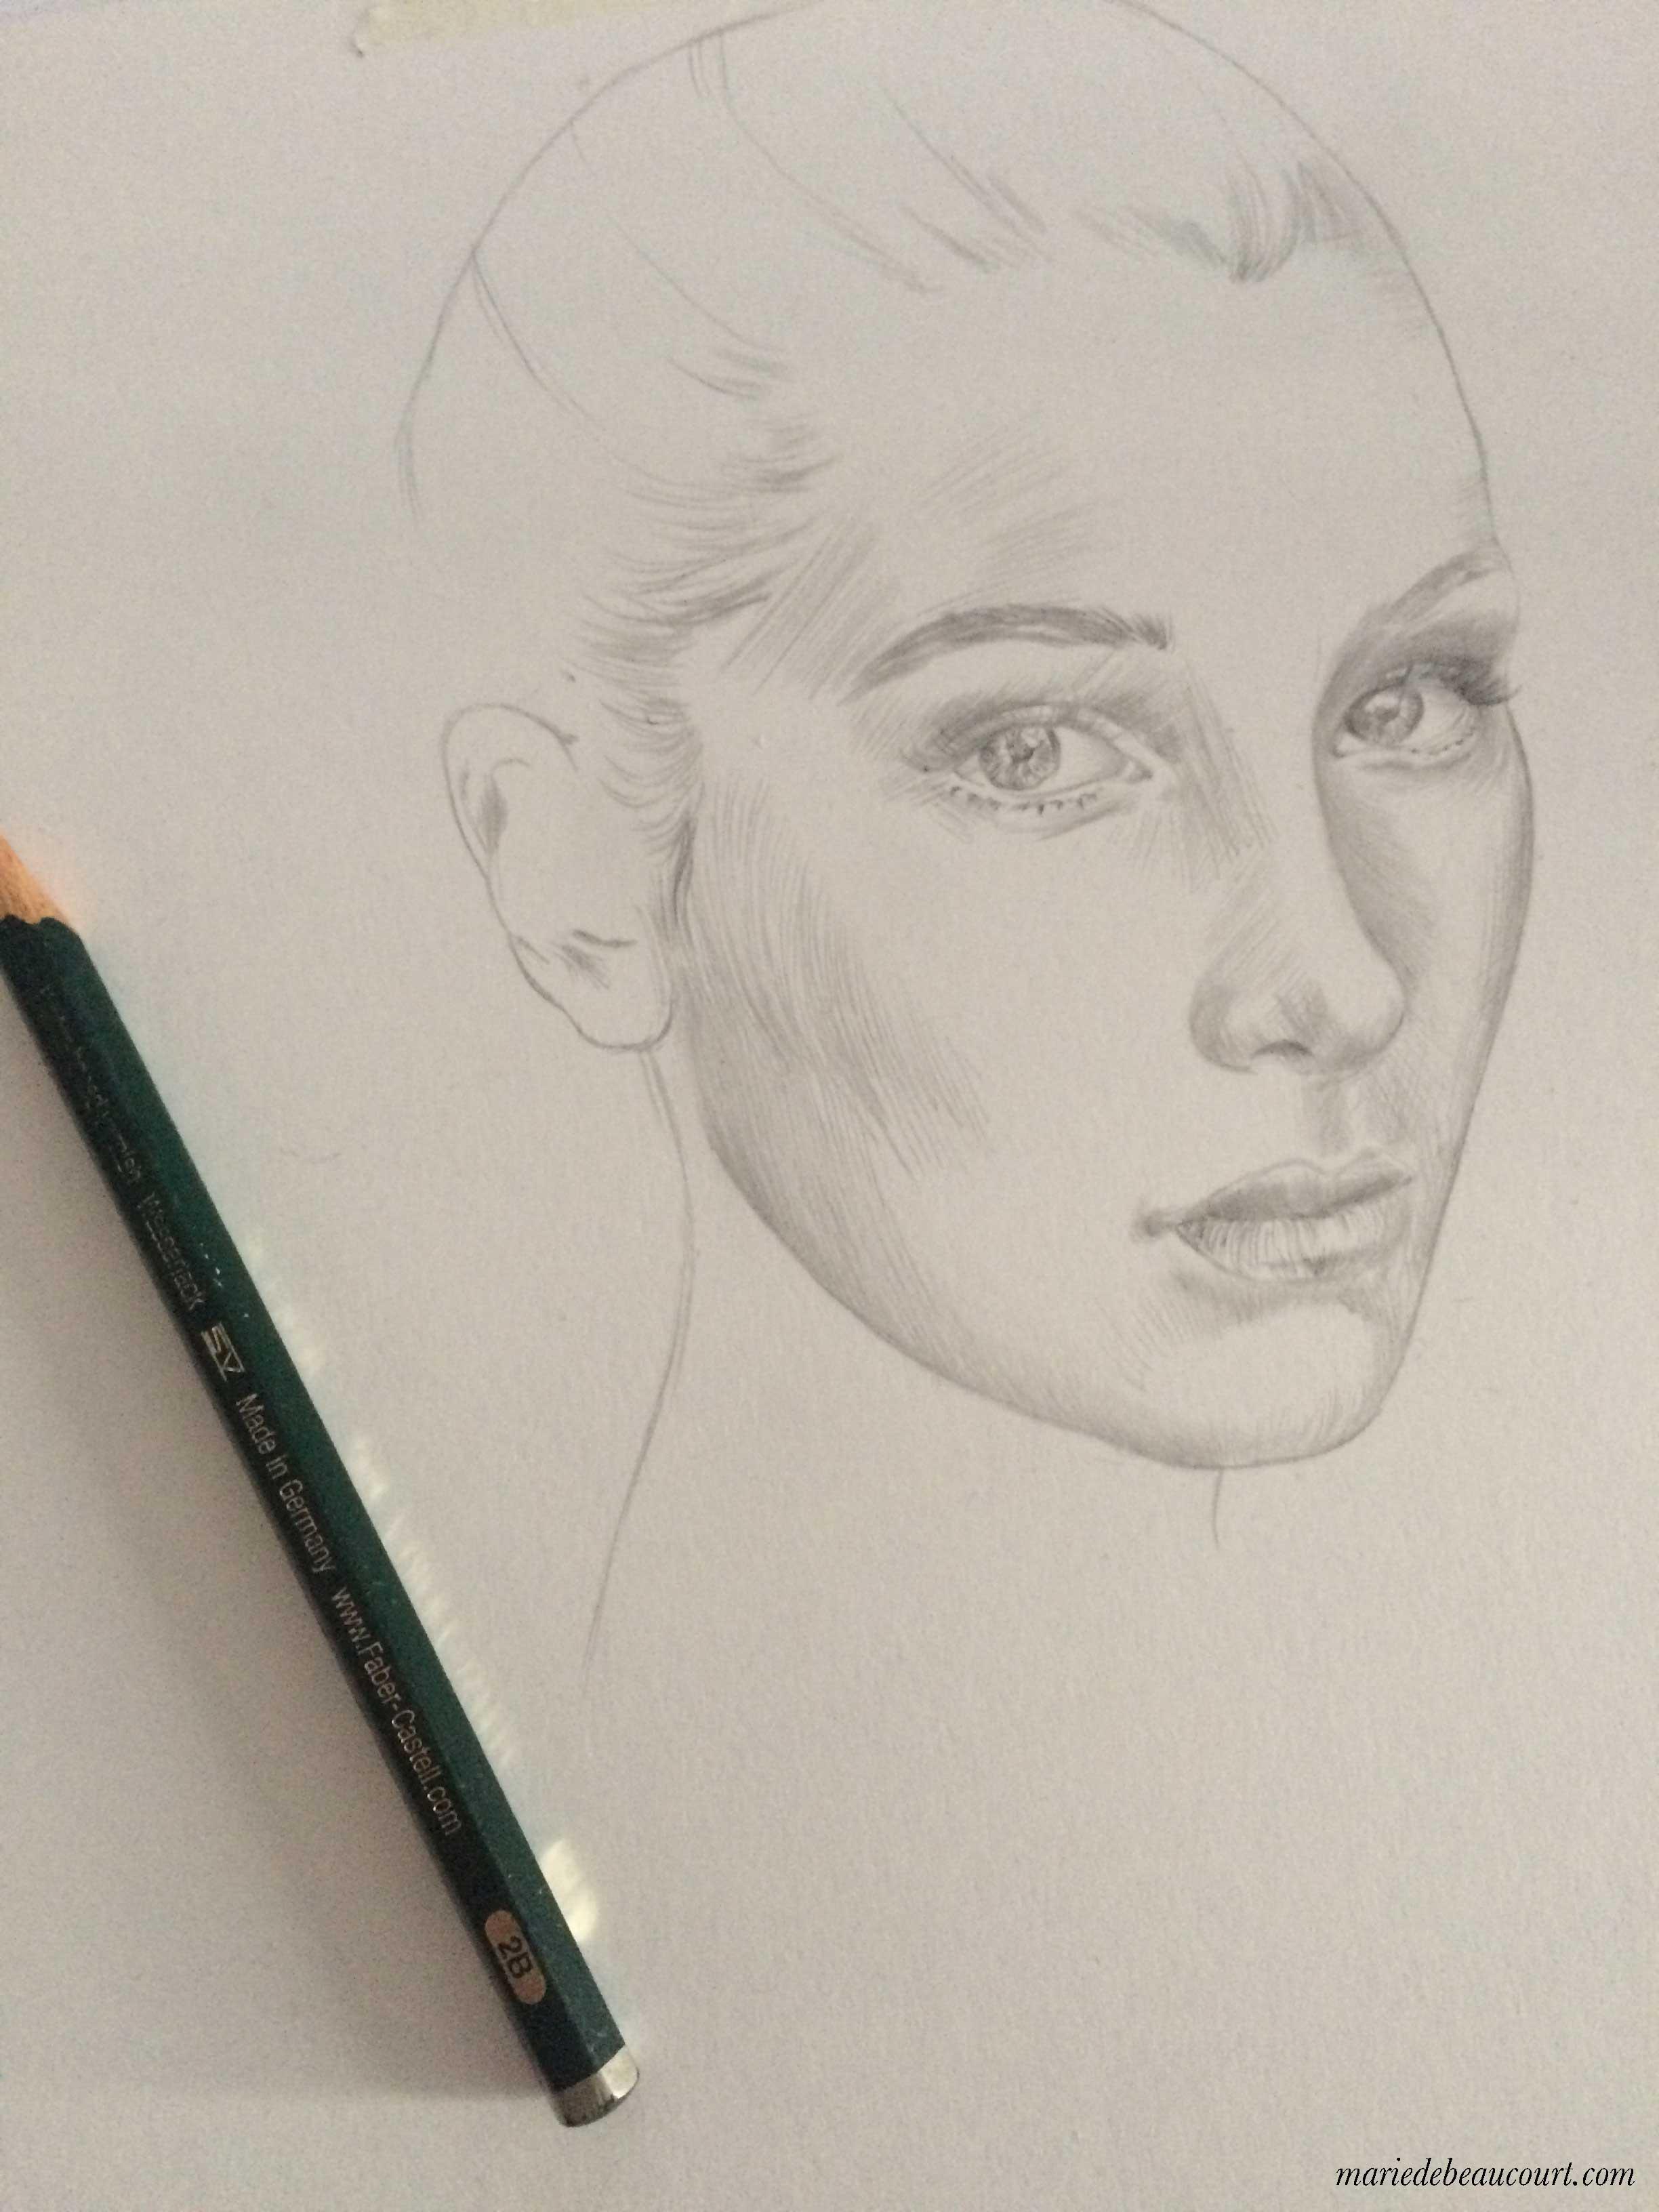 marie-de-beaucourt-portraits-hadid-work-in-progress5.jpg